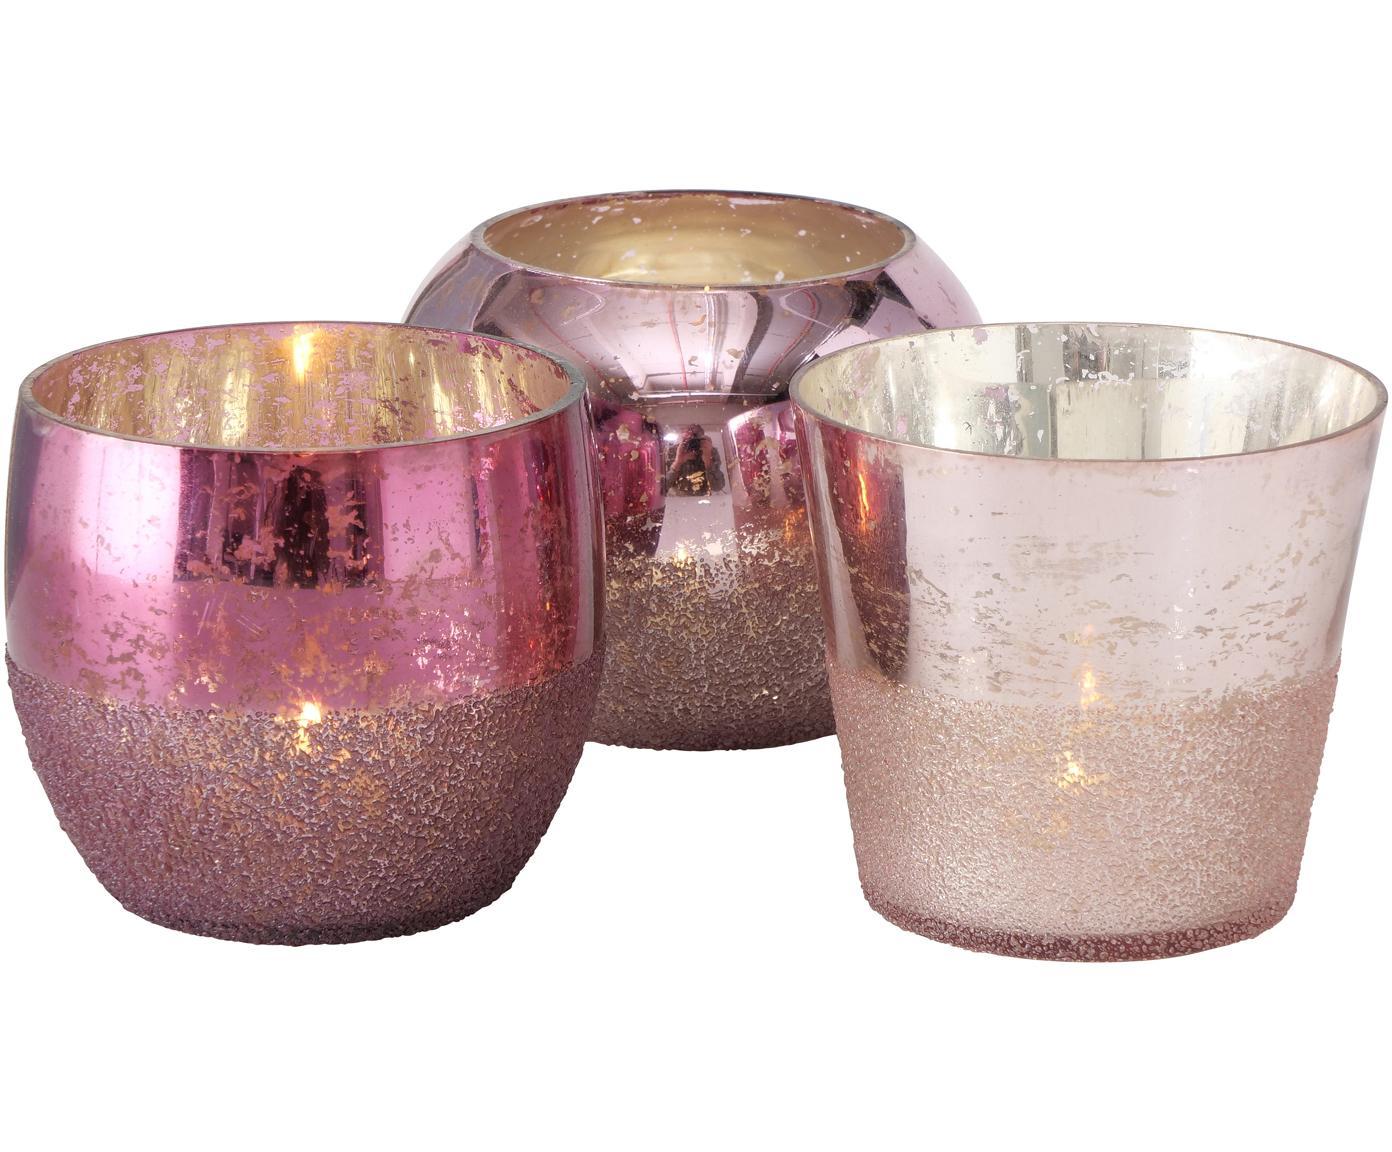 Handgefertigtes Teelichthalter-Set Rosetta, 3-tlg., Glas, Pinktöne, Ø 12 x H 9 cm